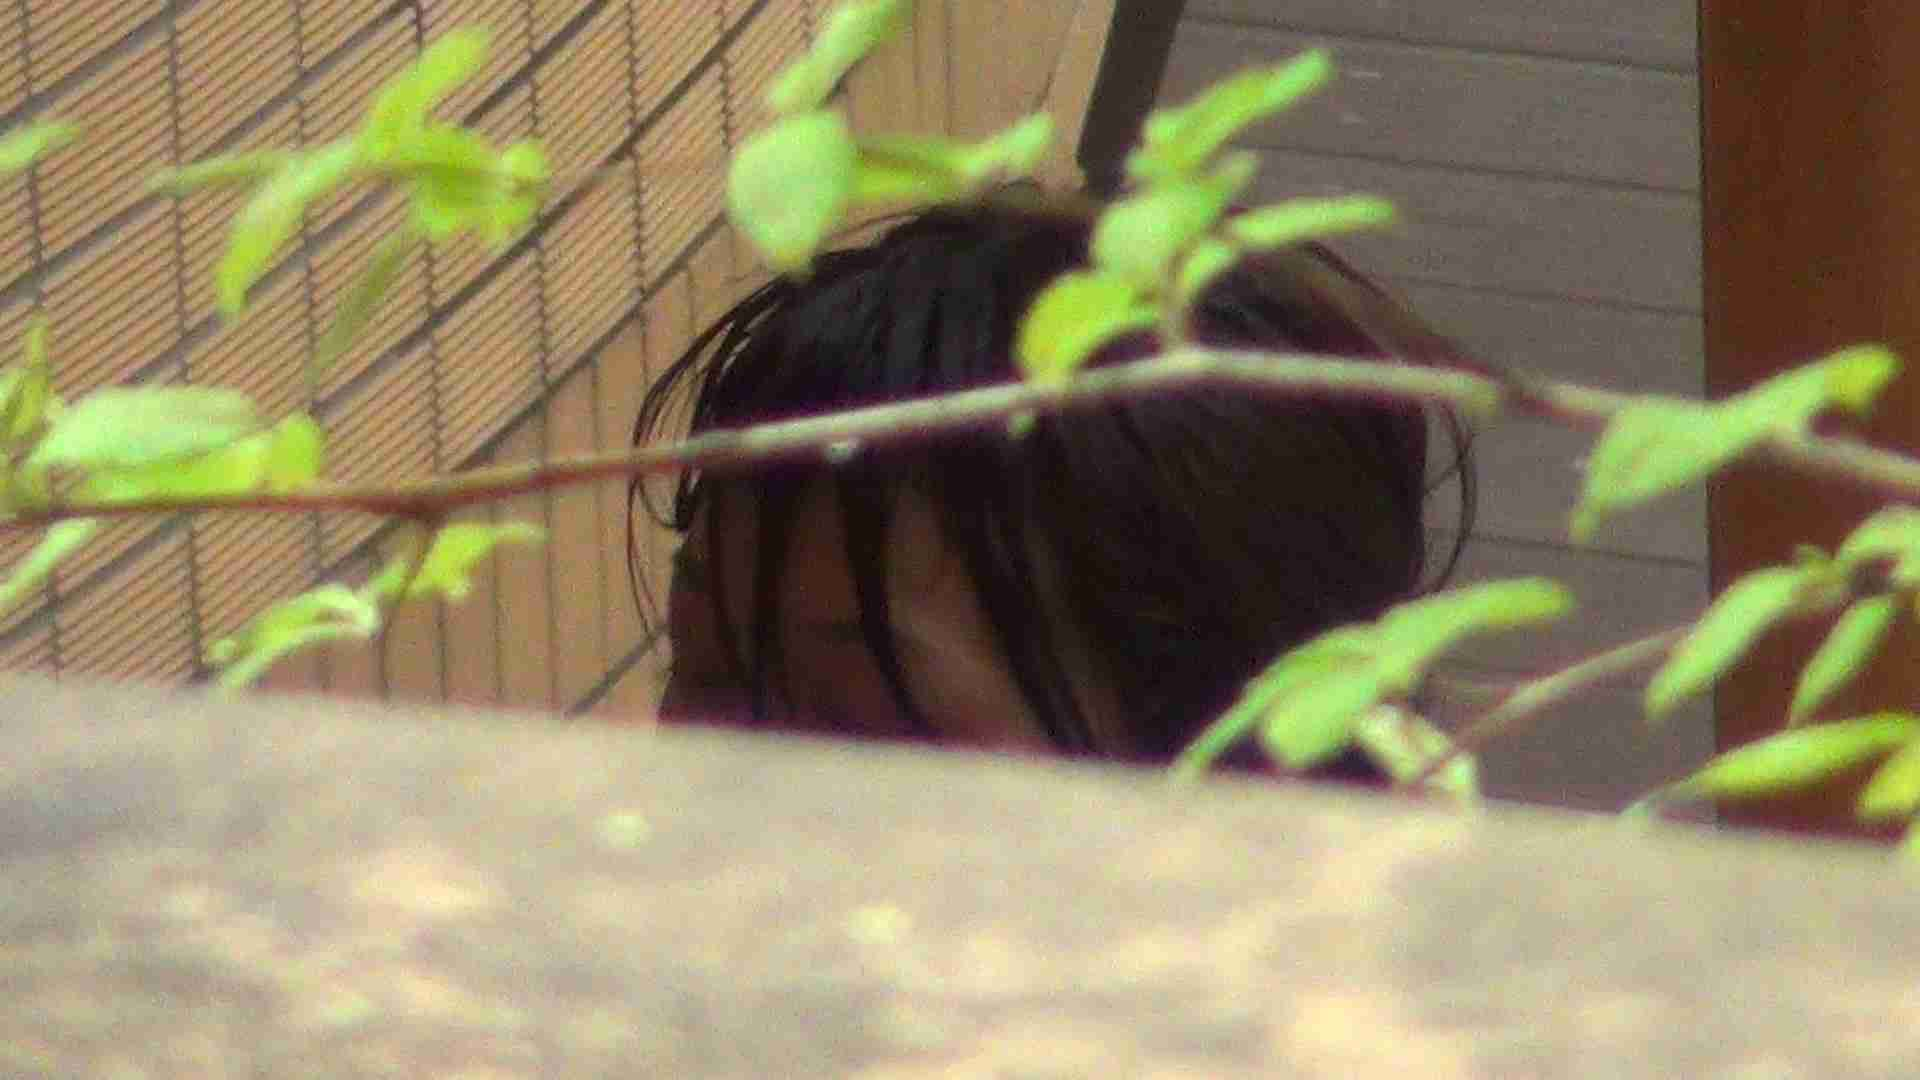 ハイビジョンVol.5 今回の女子会は三人で お尻のアップに注目! 潜伏露天風呂  51pic 27